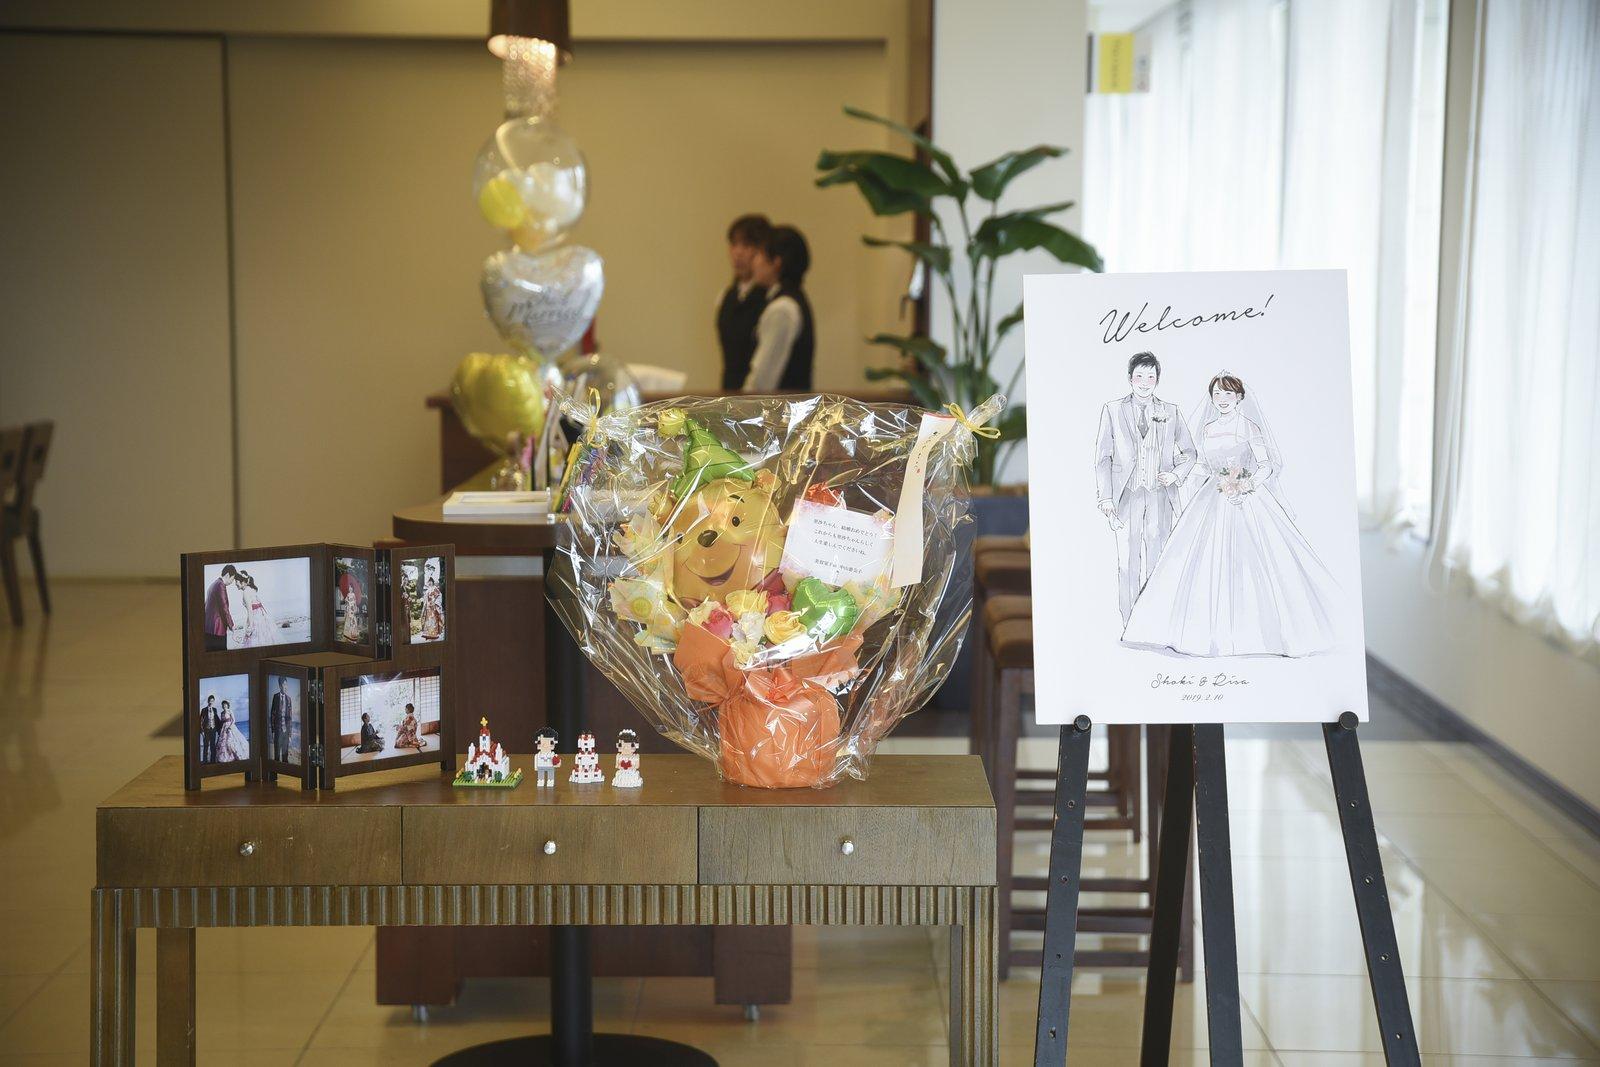 徳島市の結婚式場ブランアンジュで受付ロビーで新郎新婦様のらしさ溢れる受付飾り